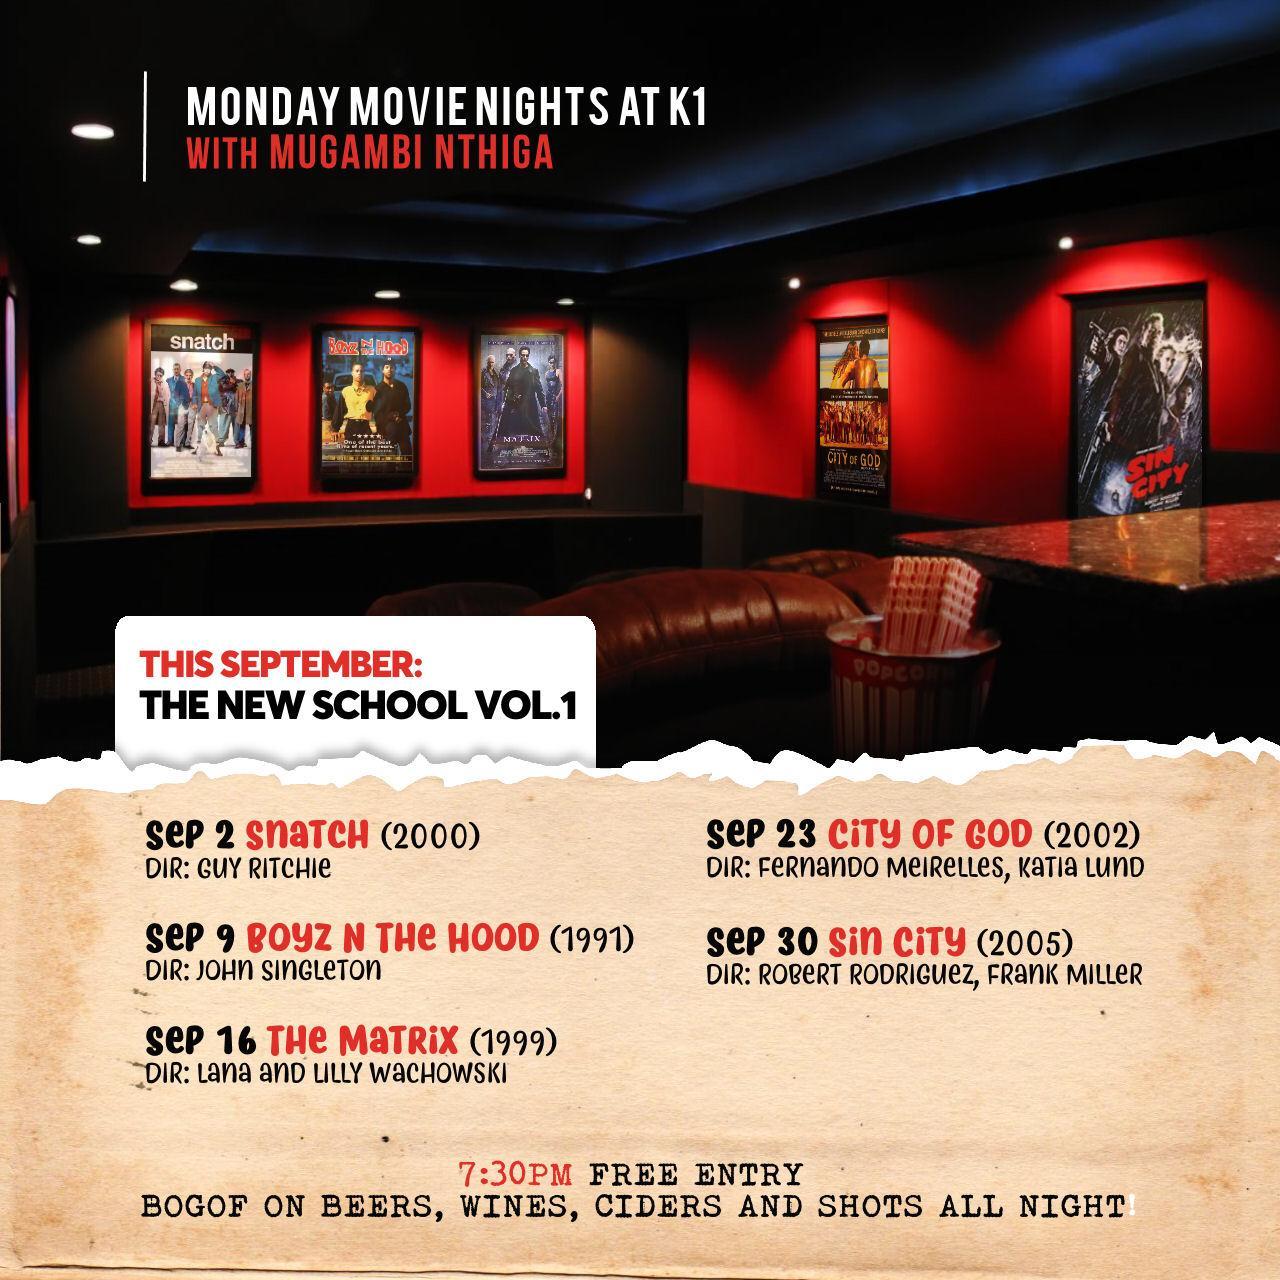 Monday Movie Night